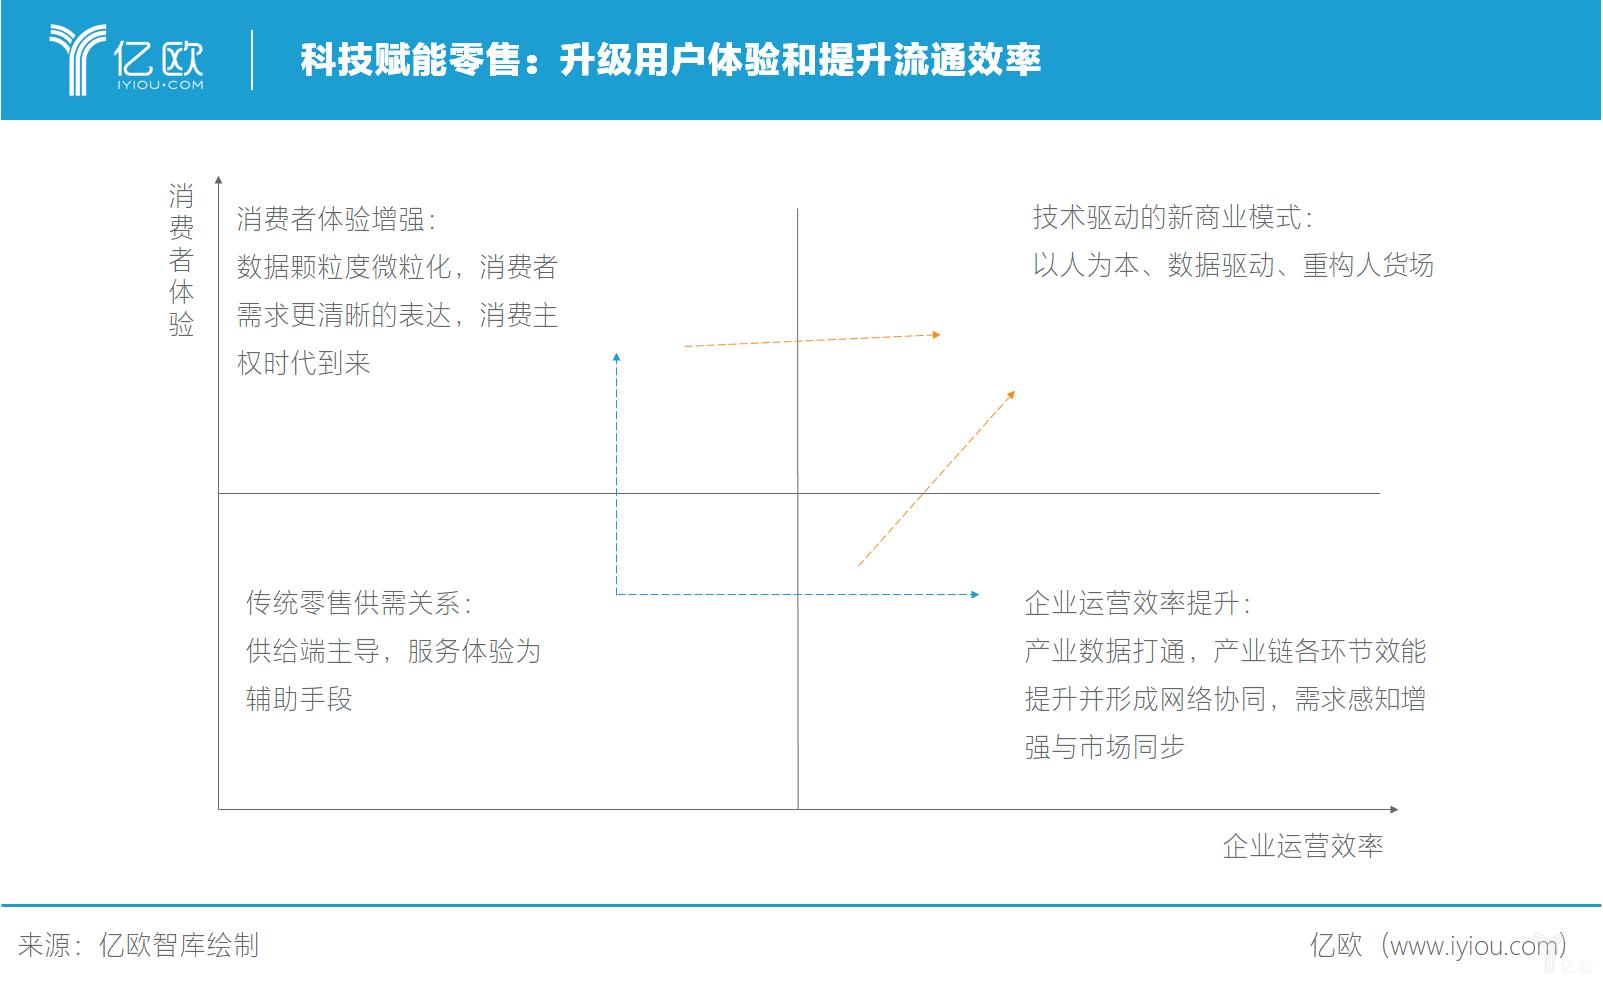 亿欧智库:科技赋能零售——升级用户体验和提升流通效率